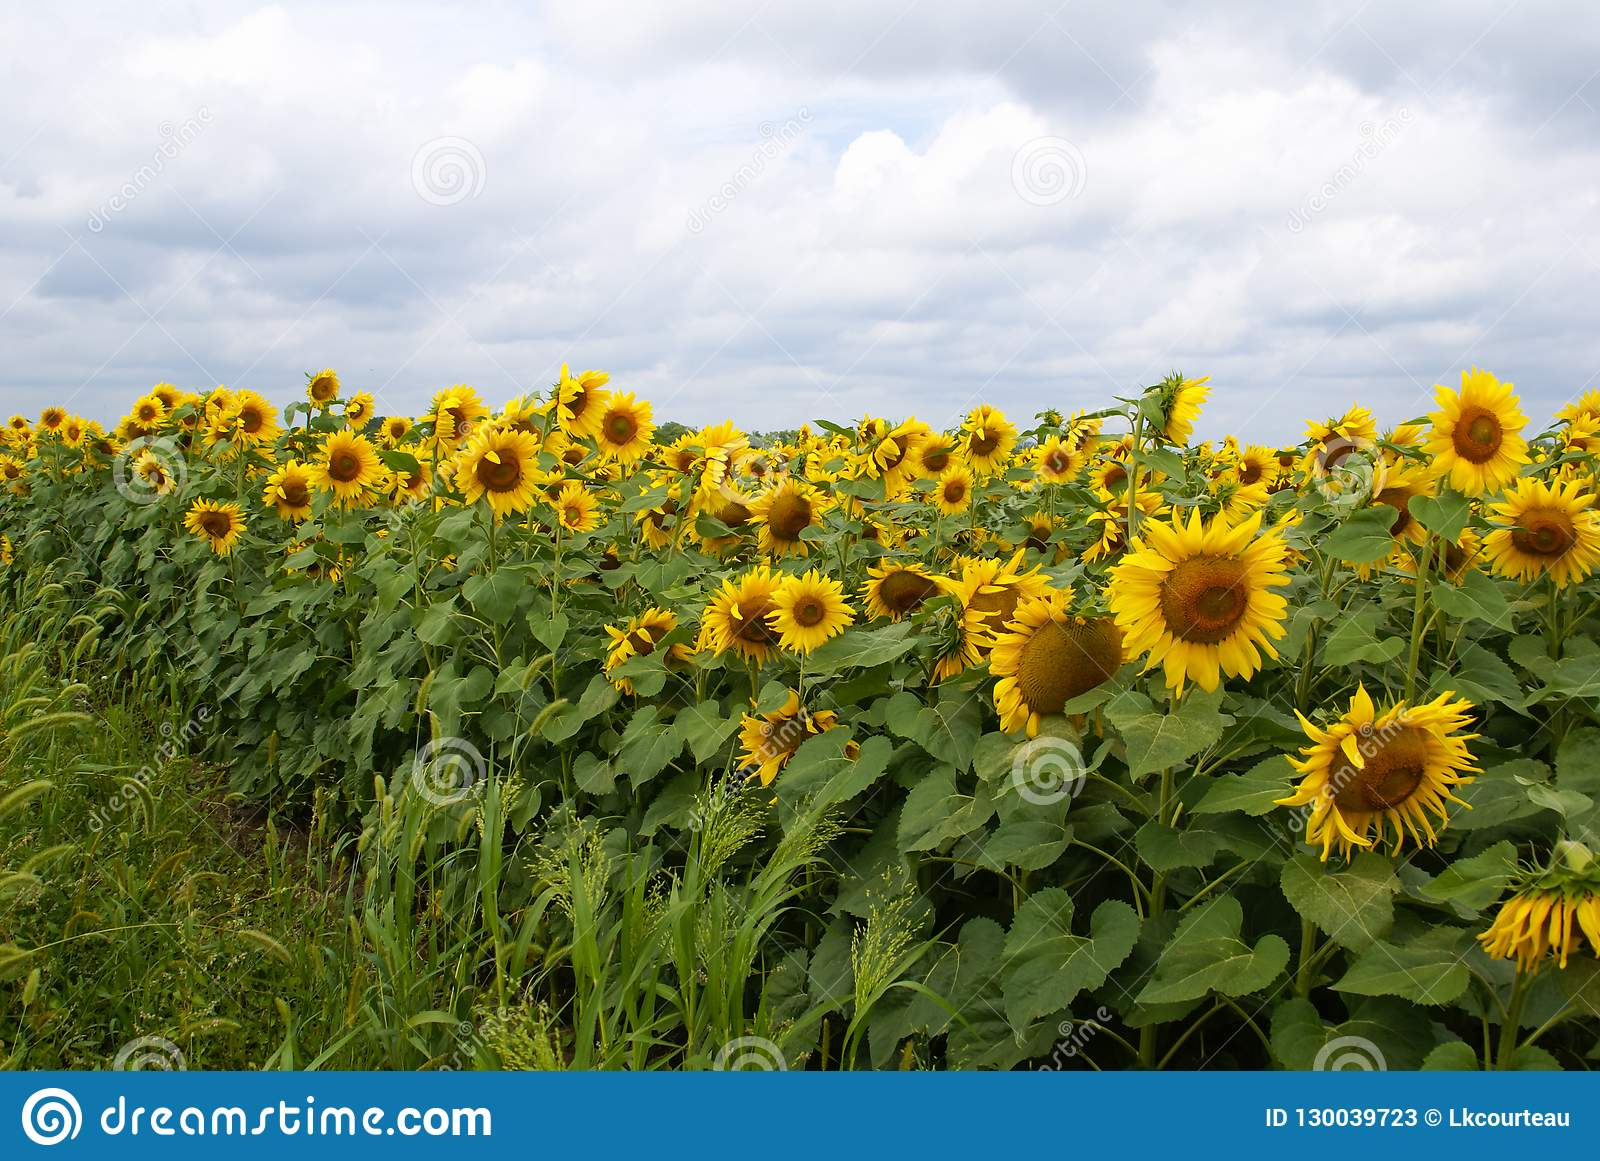 Blomma fältet av gula solrosor under en solig himmel som är full av moln